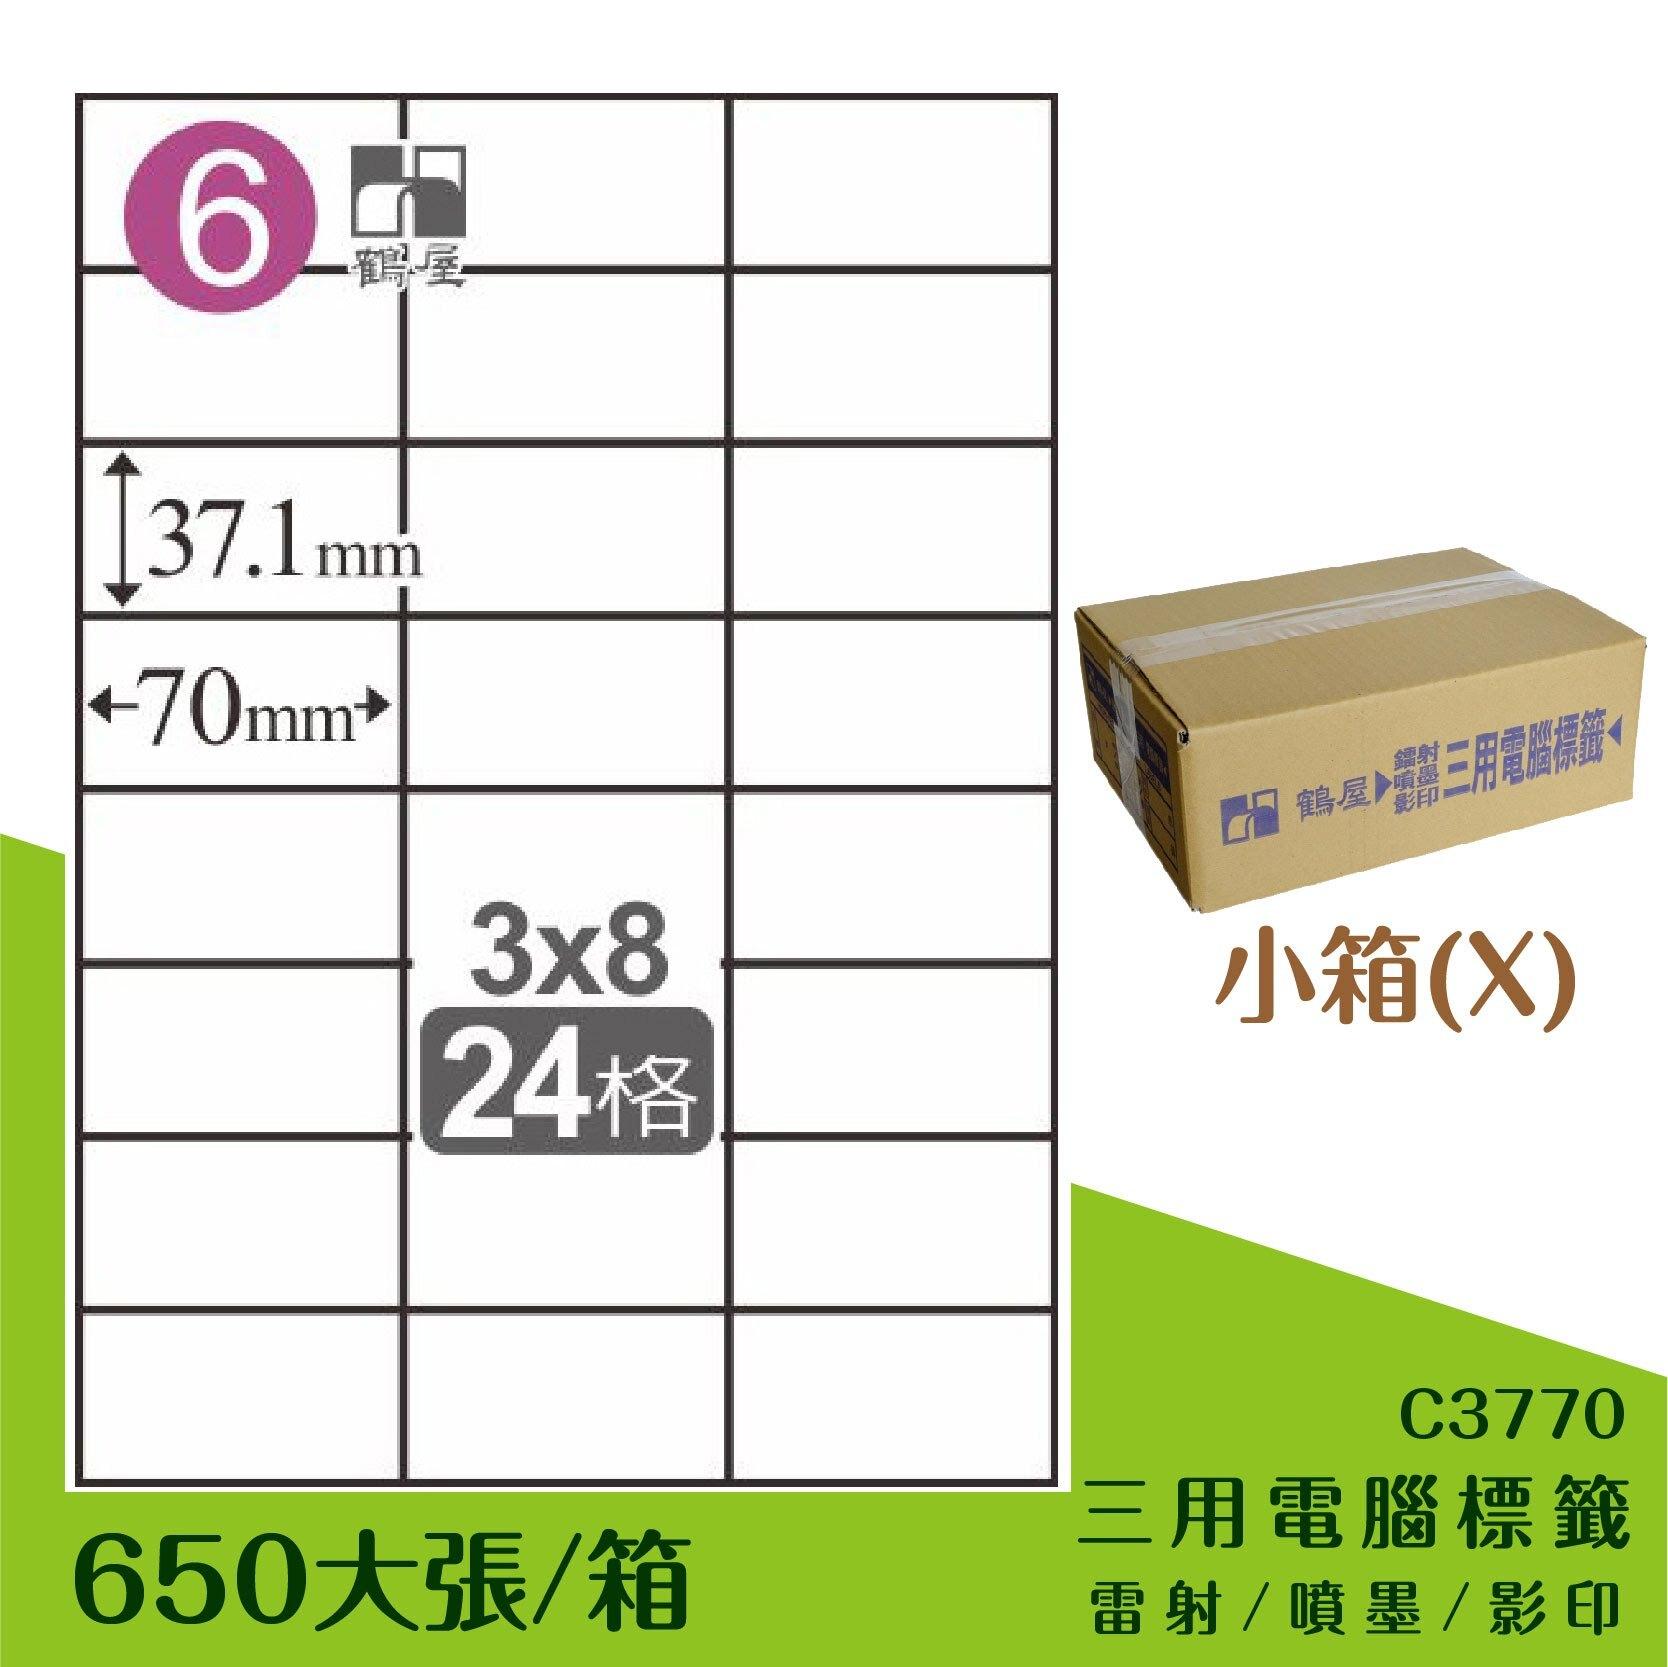 量販一小箱【鶴屋】電腦標籤紙 白色 C3770 24格 650大張/小箱 三用標籤 影印/雷射/噴墨 貼紙 標示 信件